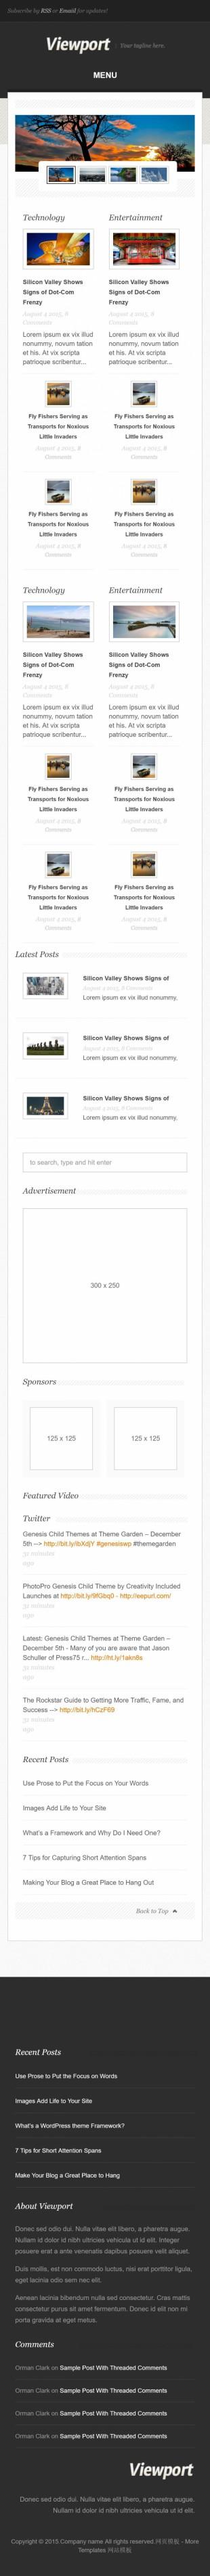 黑色漂亮新闻科技博客英文模板网站建设手机图片